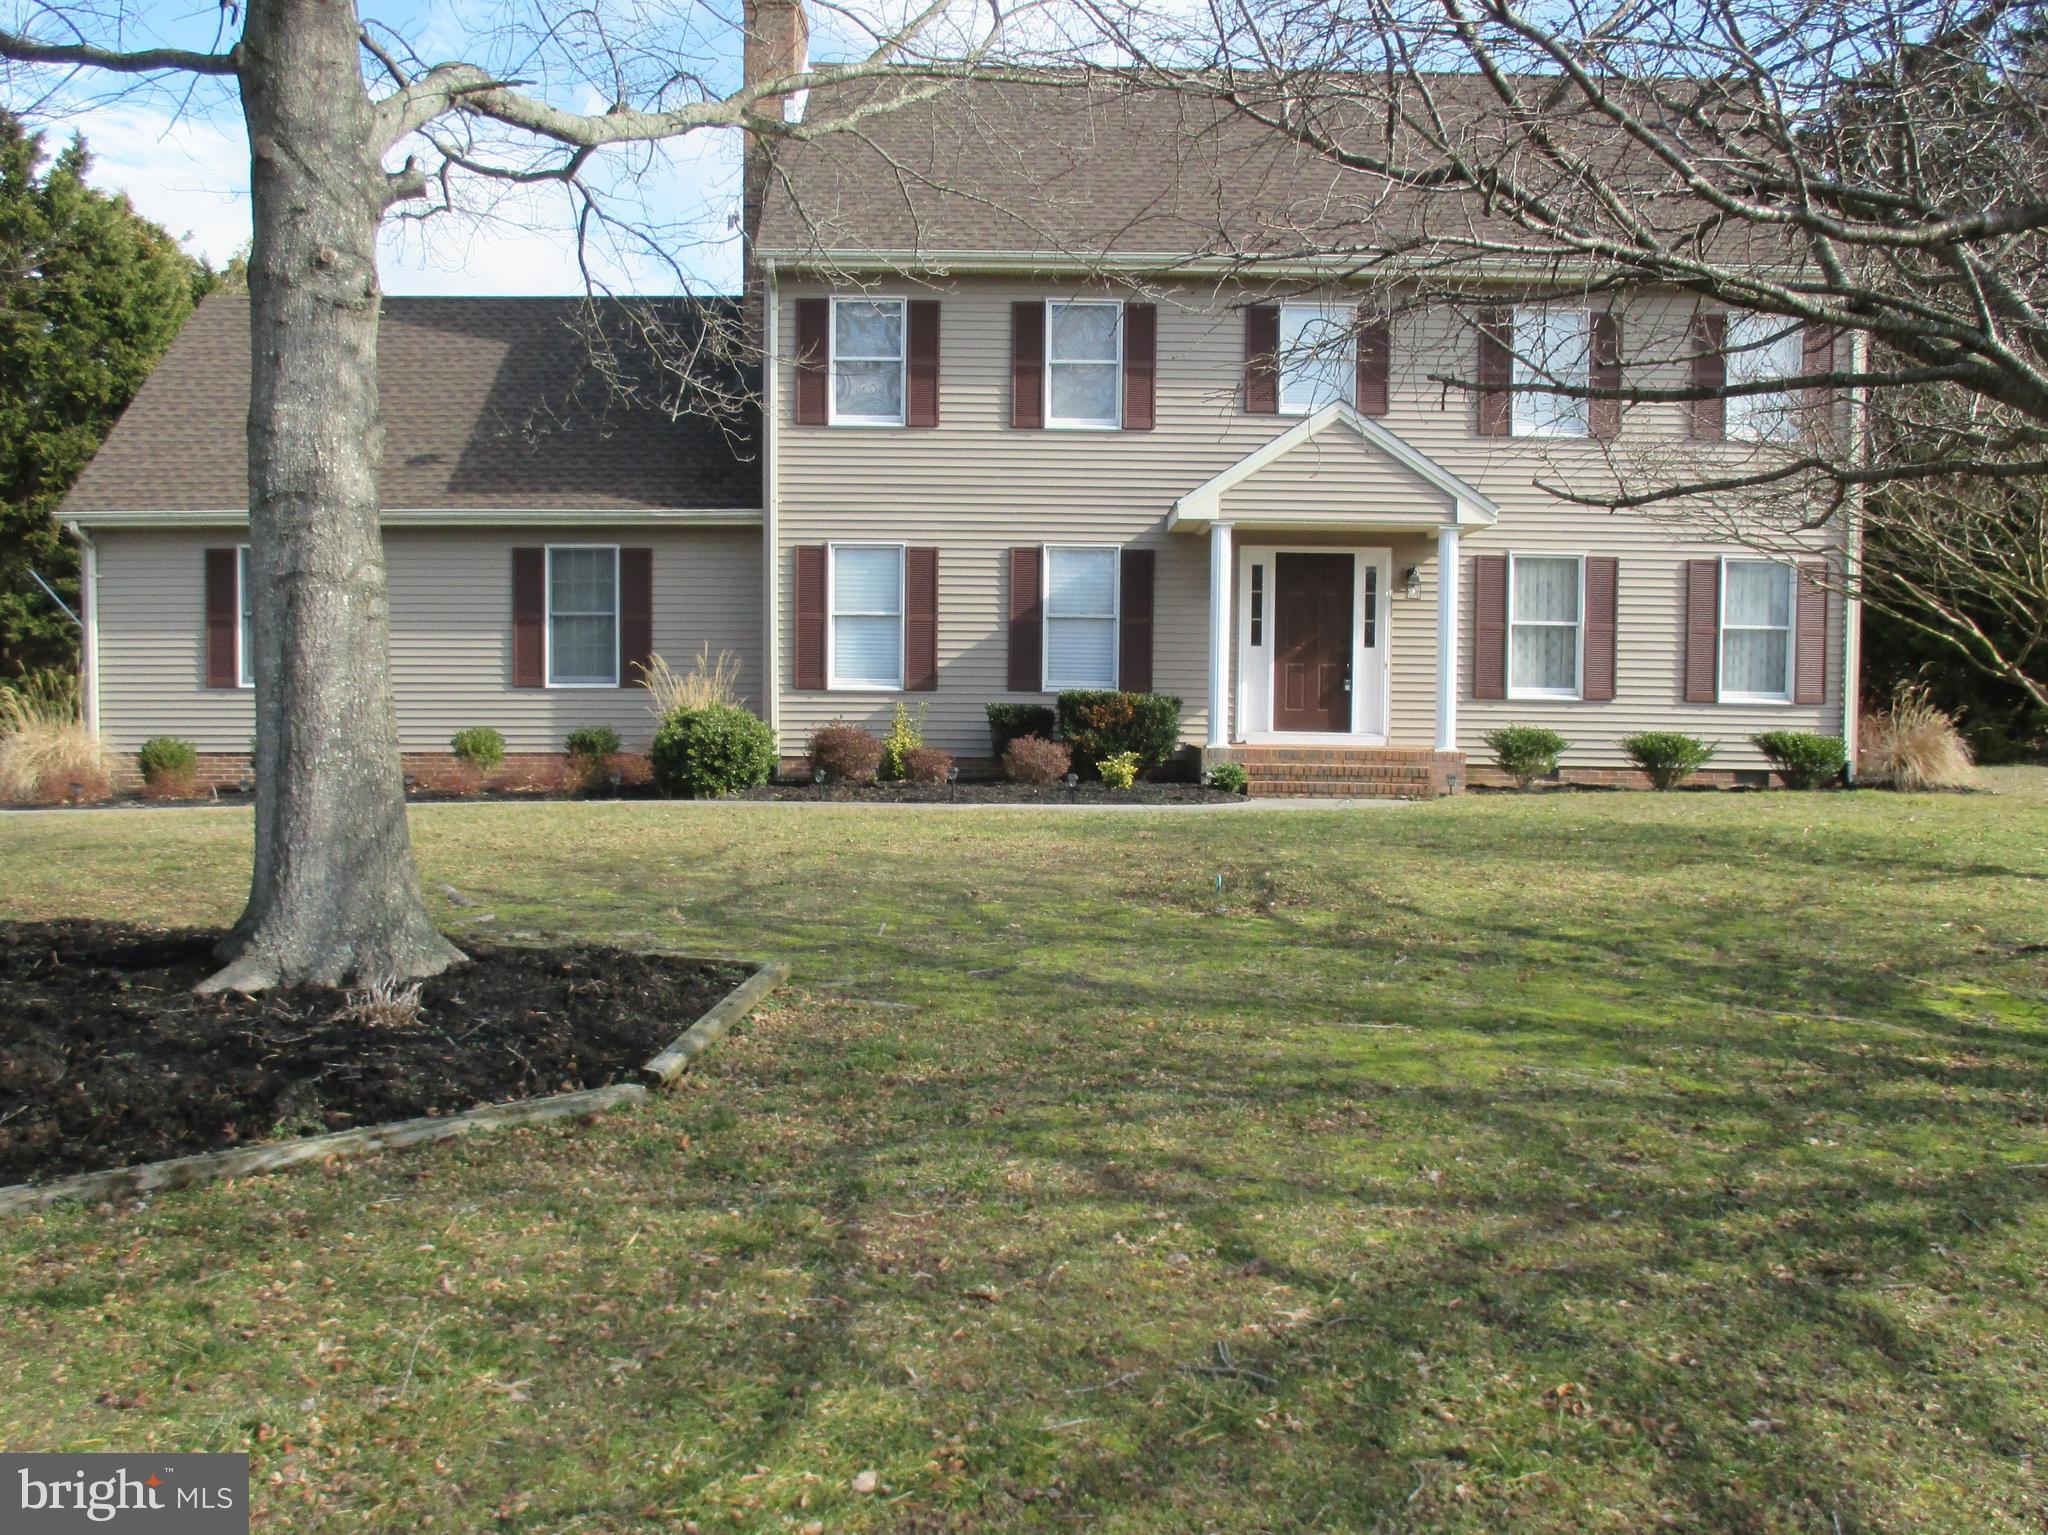 5983 Ridge Spring Cir, Salisbury, MD, 21801